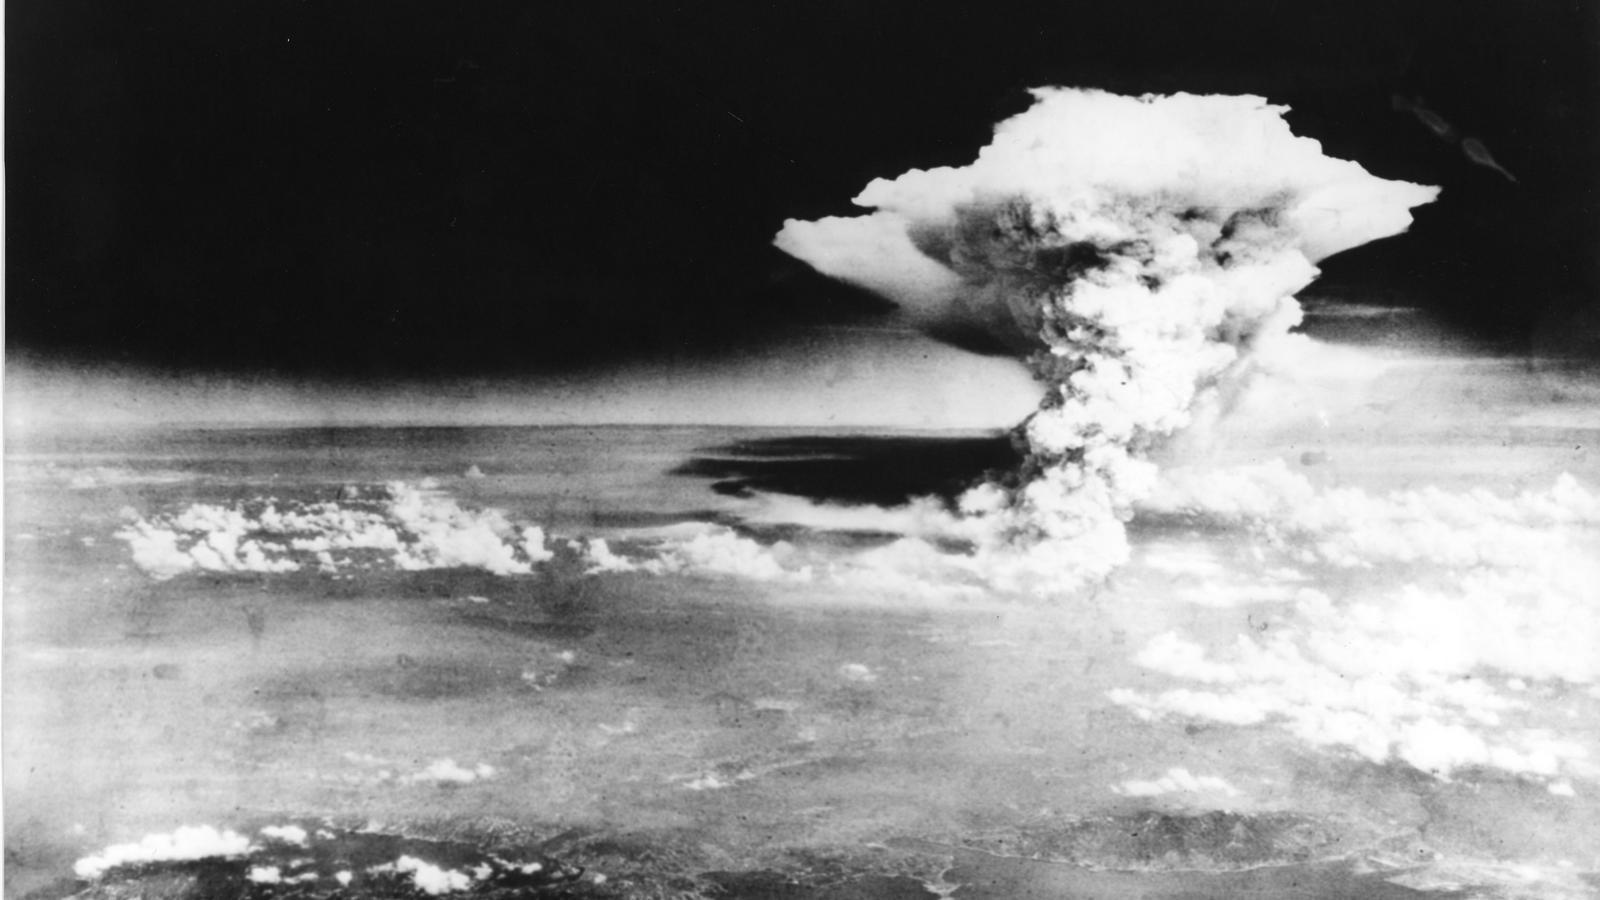 La bomba atòmica va generar una immensa columna de fum en forma de bolet a Hiroshima